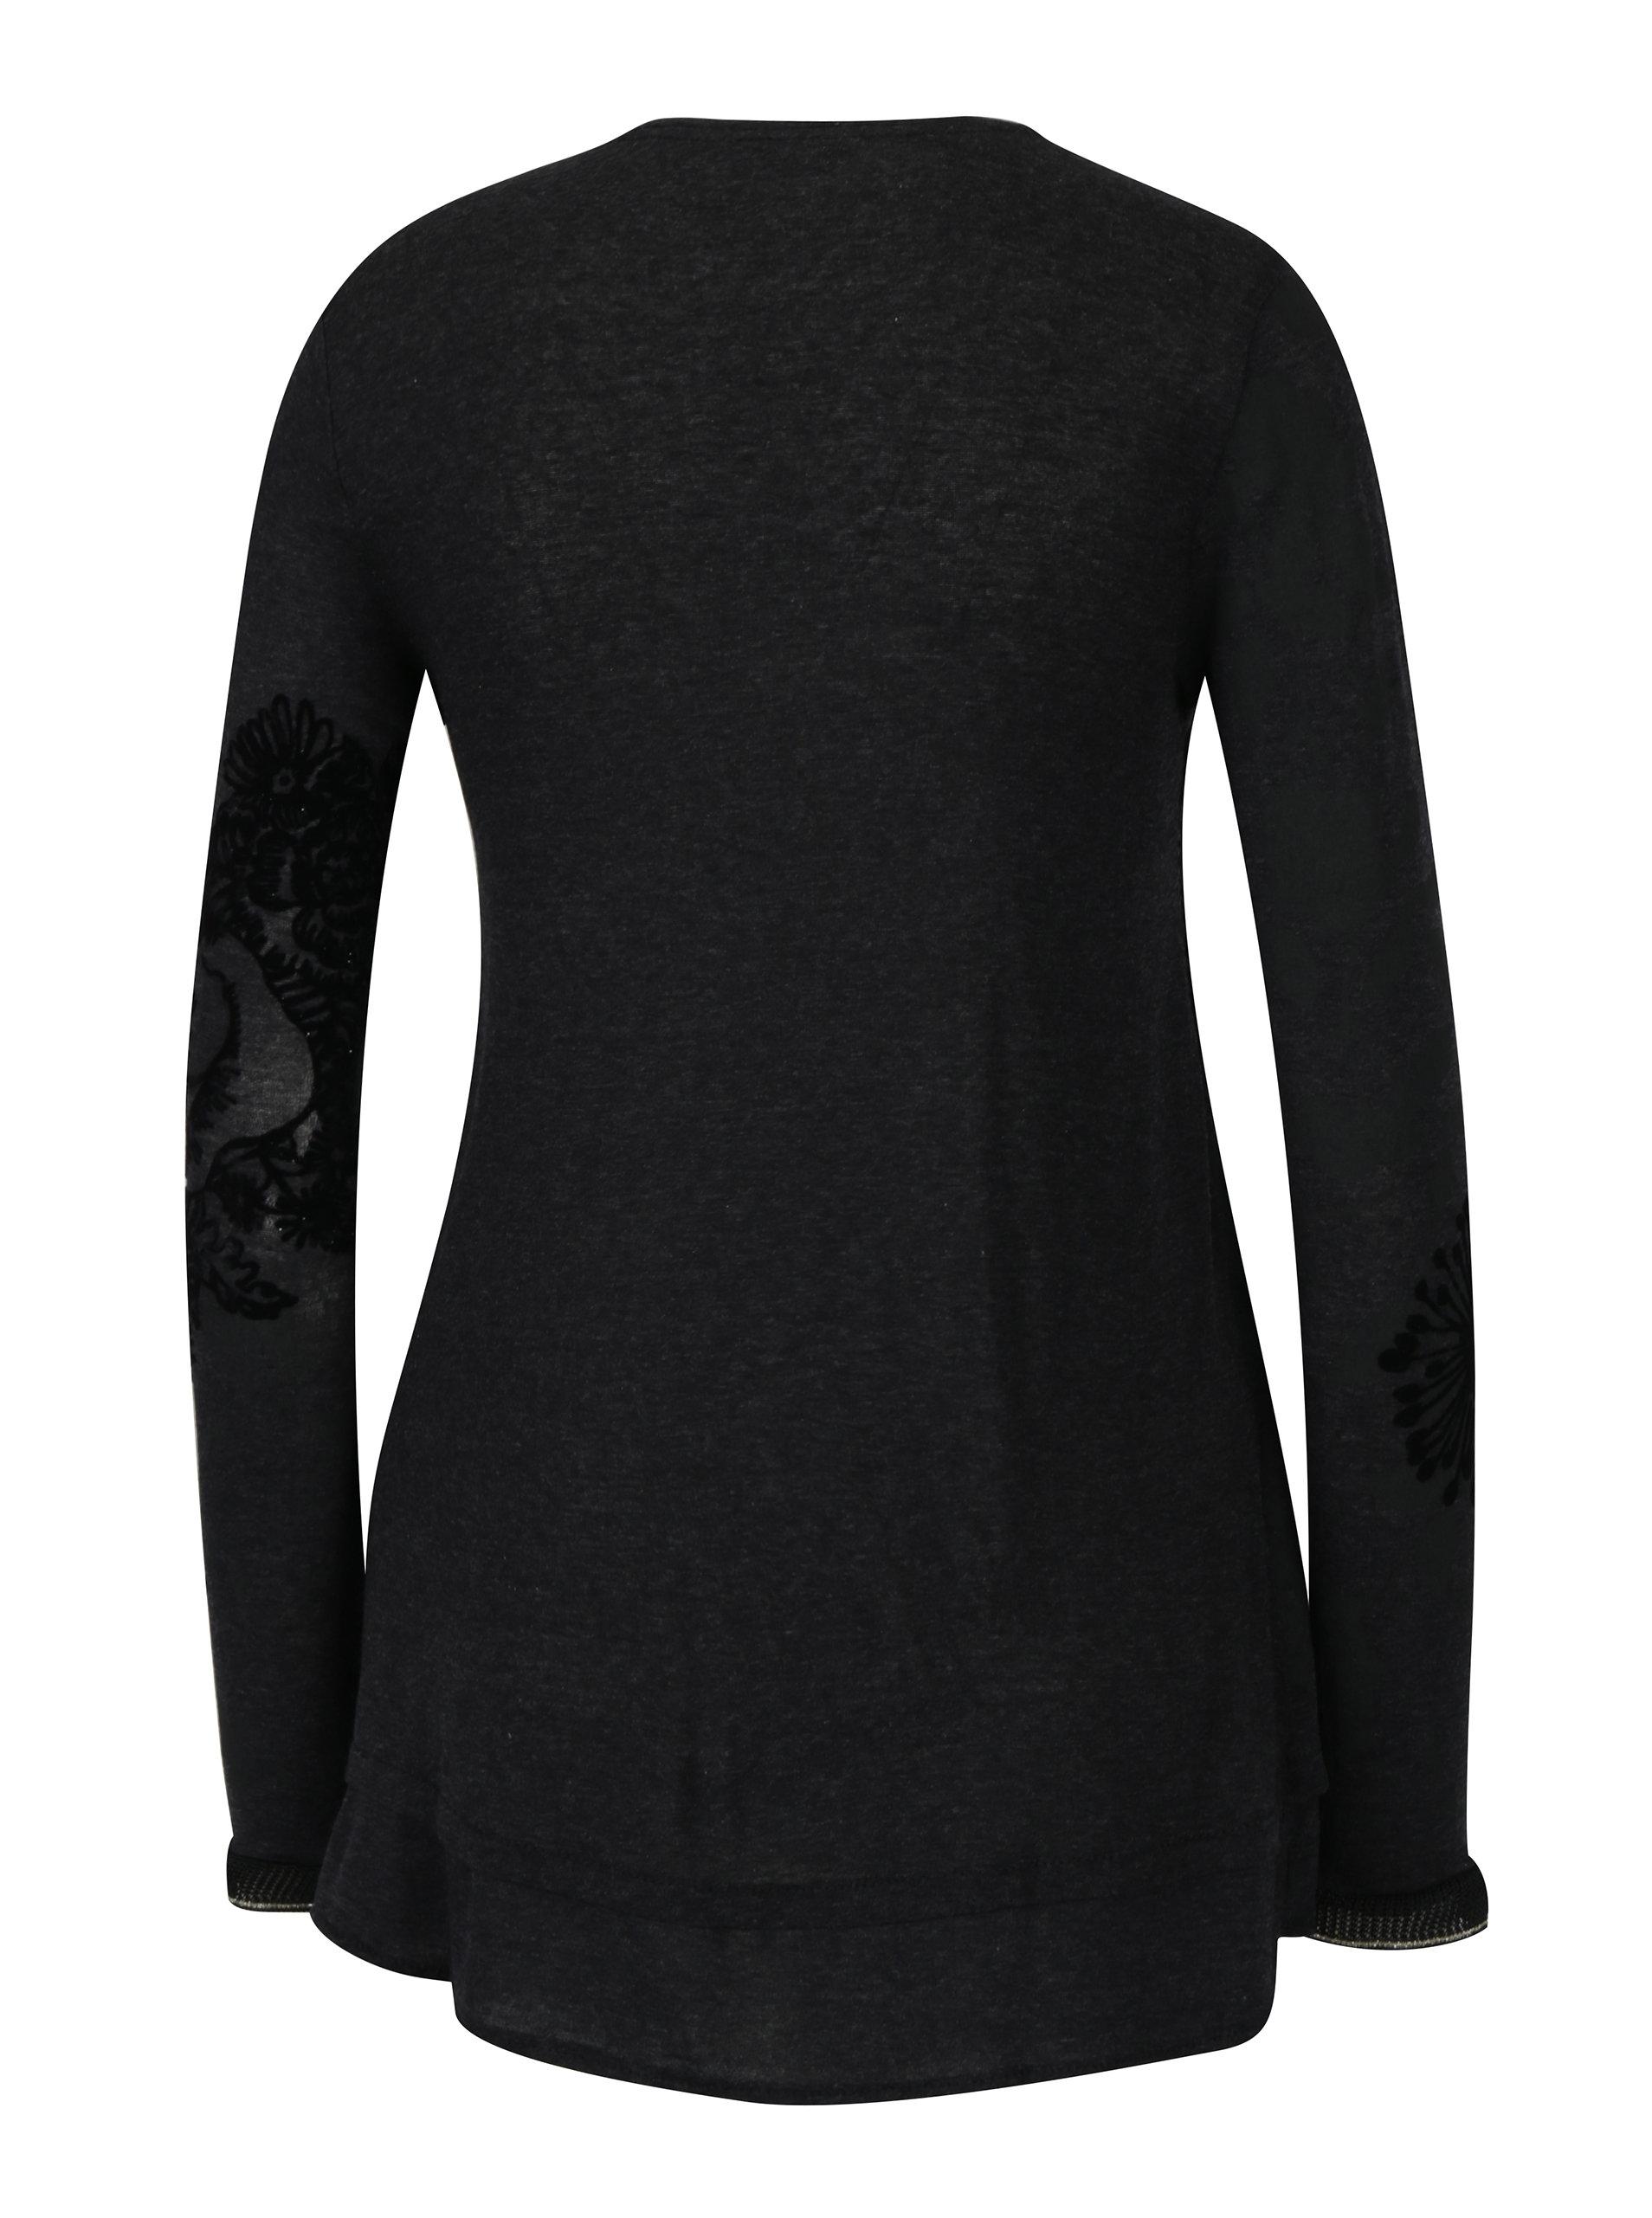 Tmavě šedé tričko se vzorem a sametovým potiskem Desigual Edi ... ce62aa1bb64